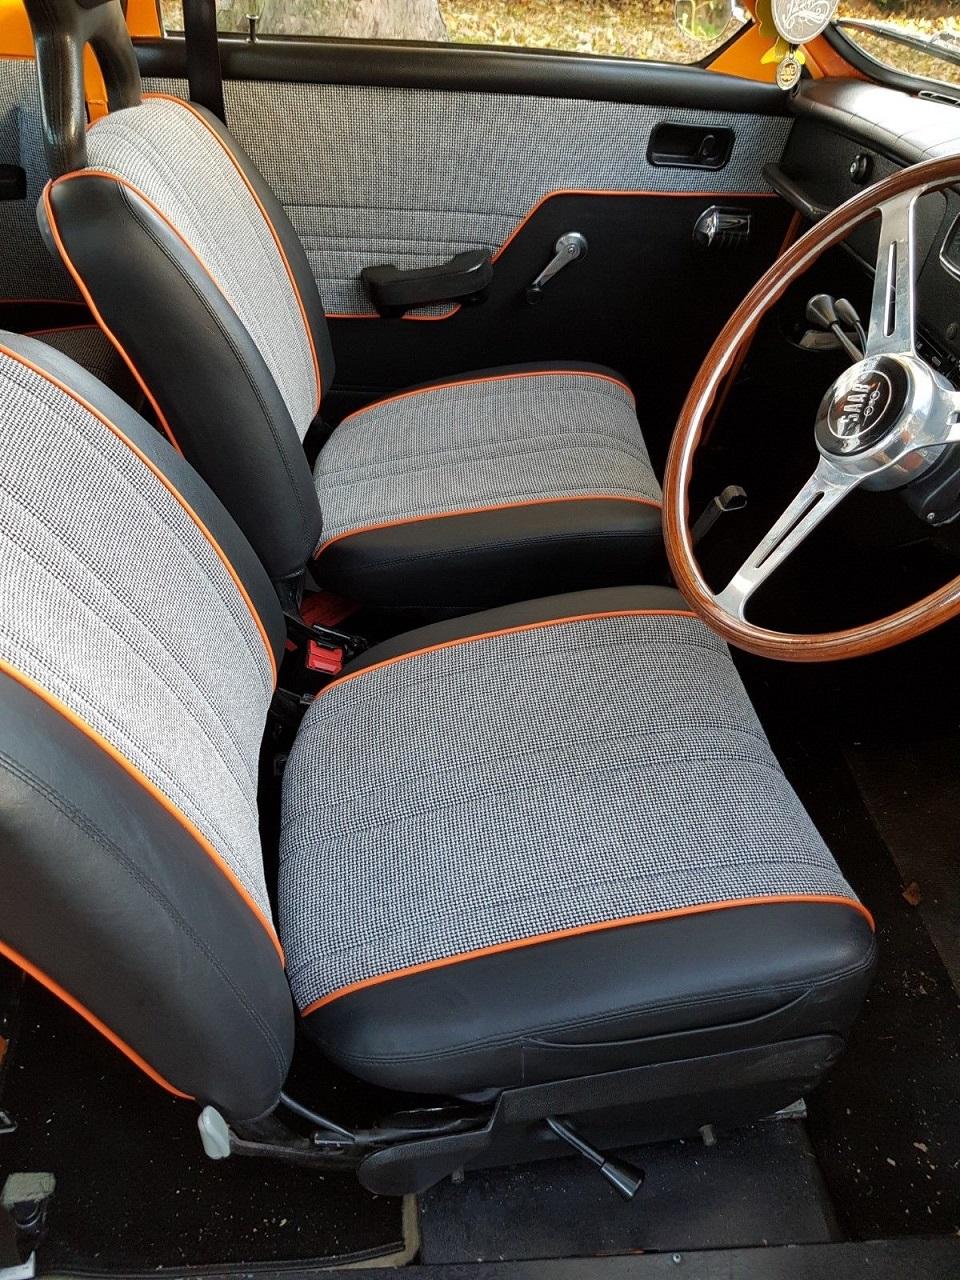 Bagged Saab 95 V4 - Tout est Restomodable ! 28